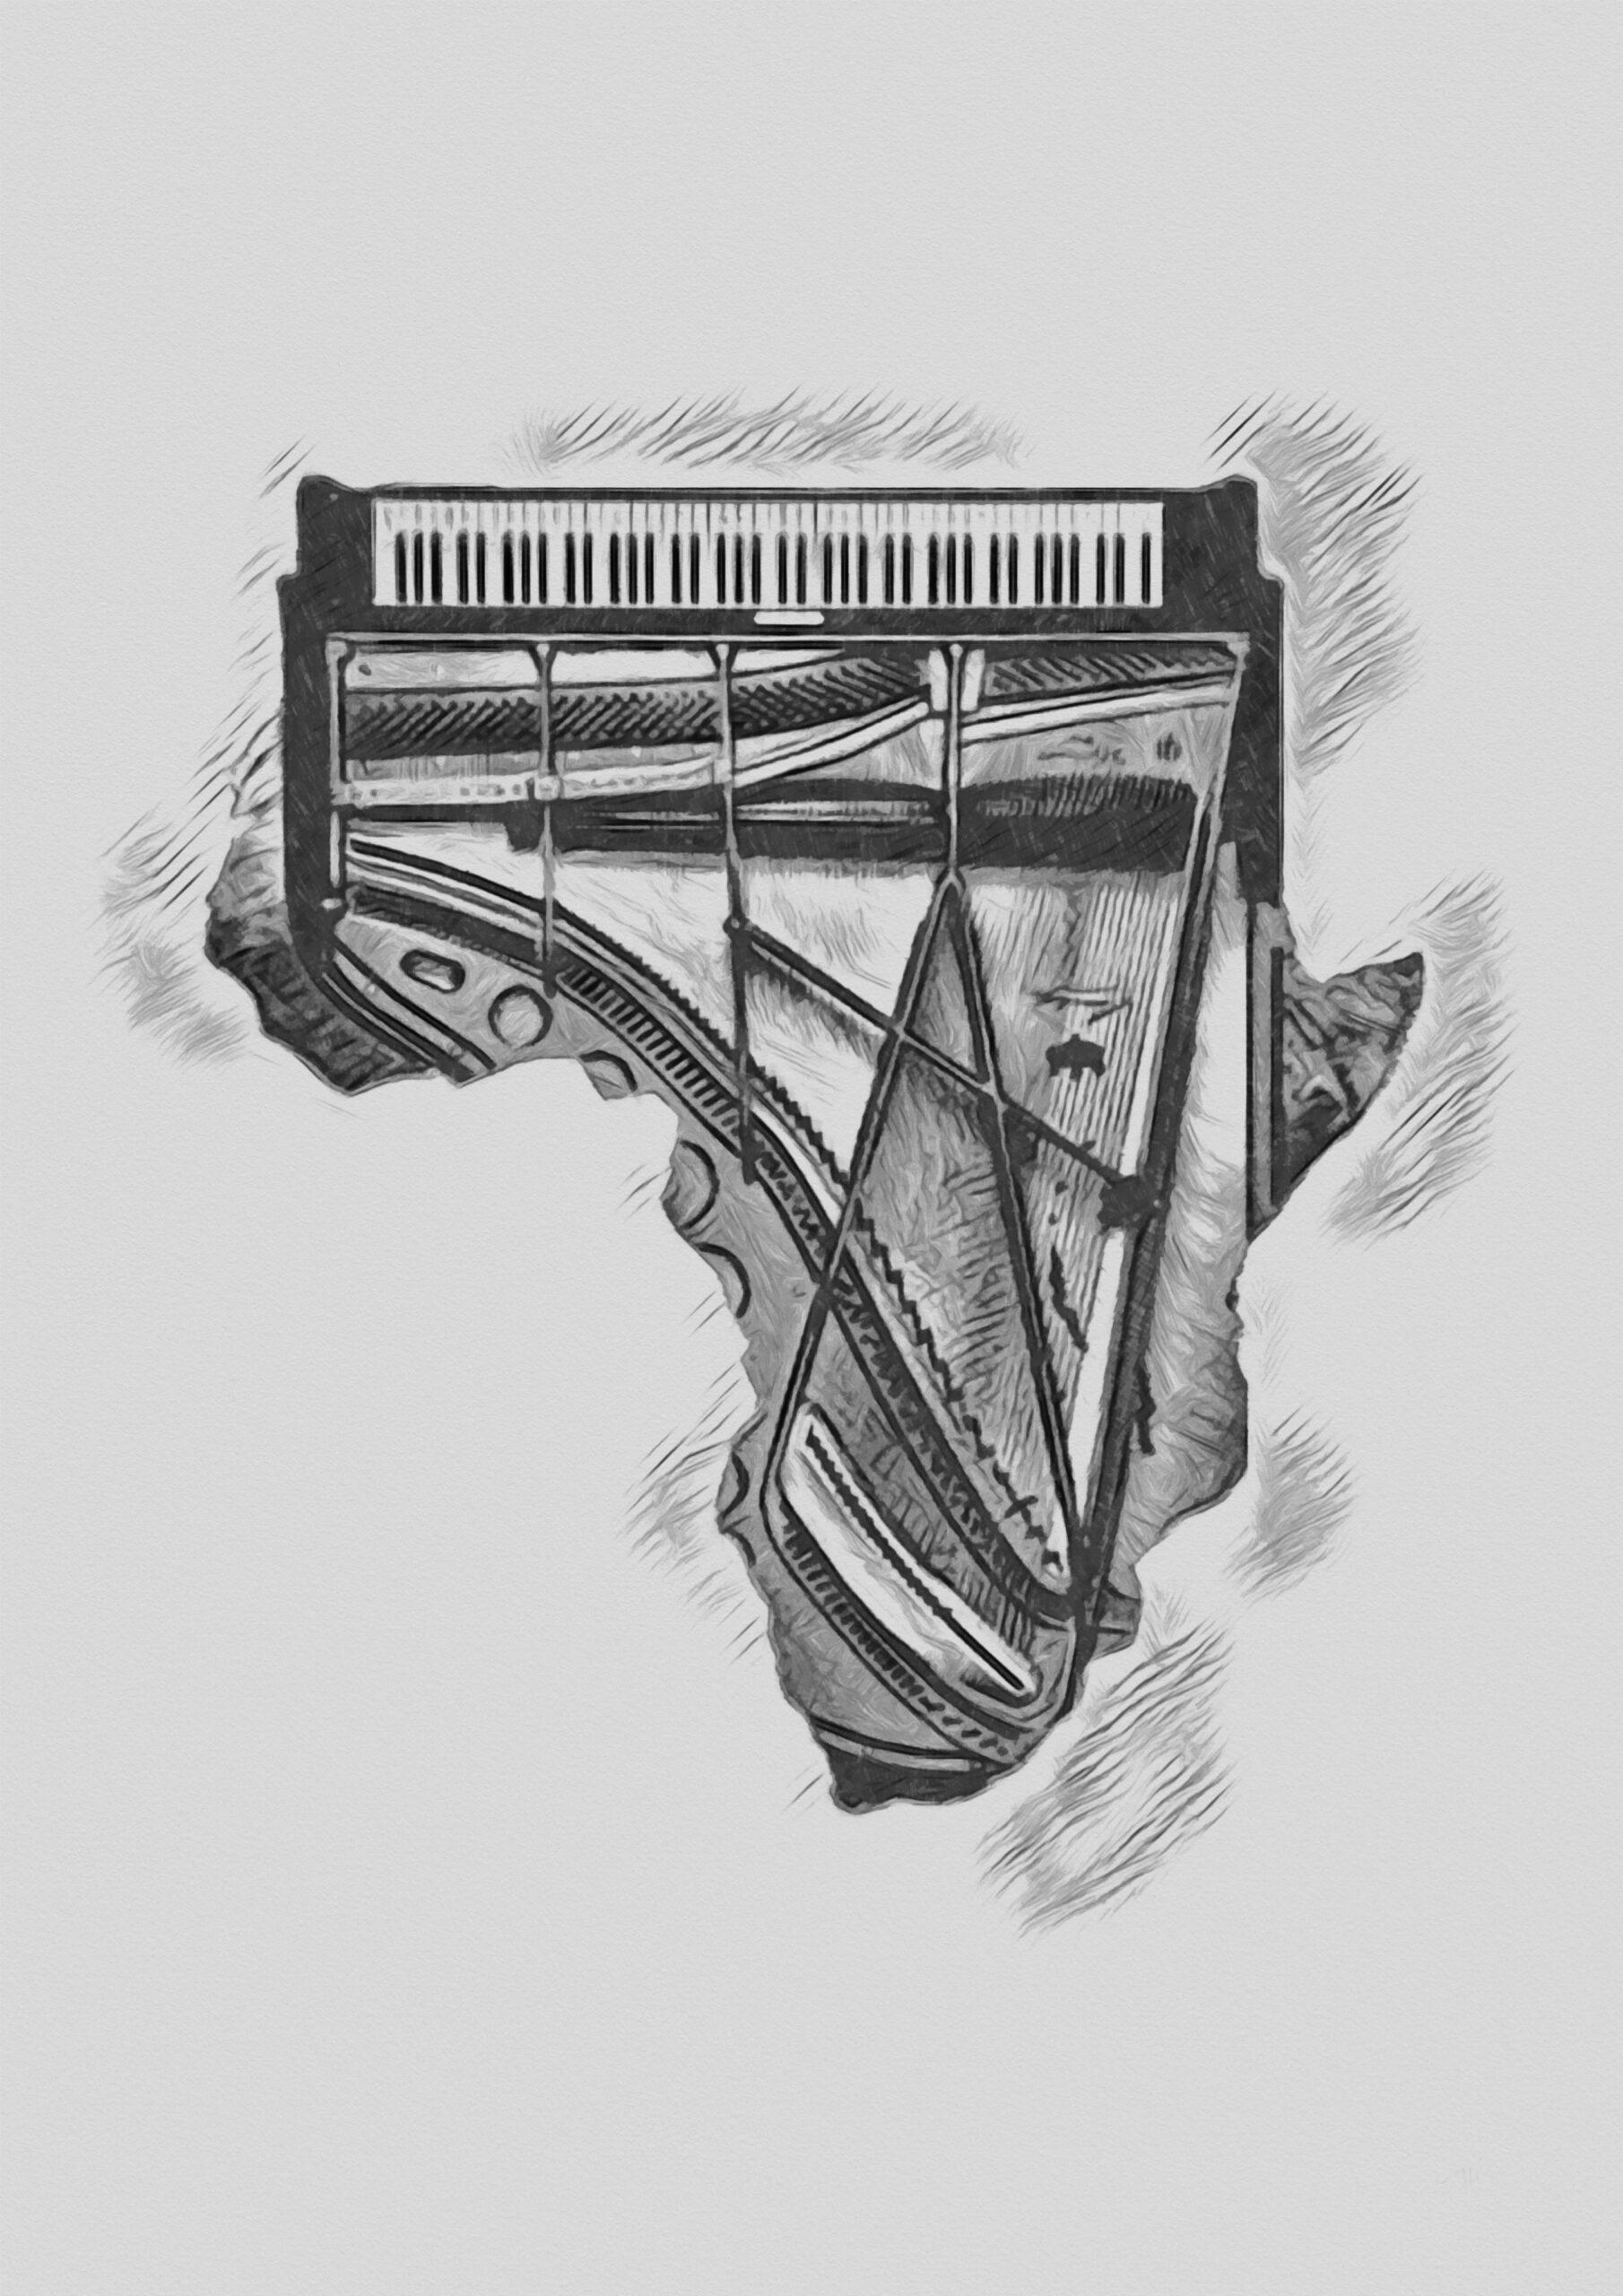 PIANOMULATO